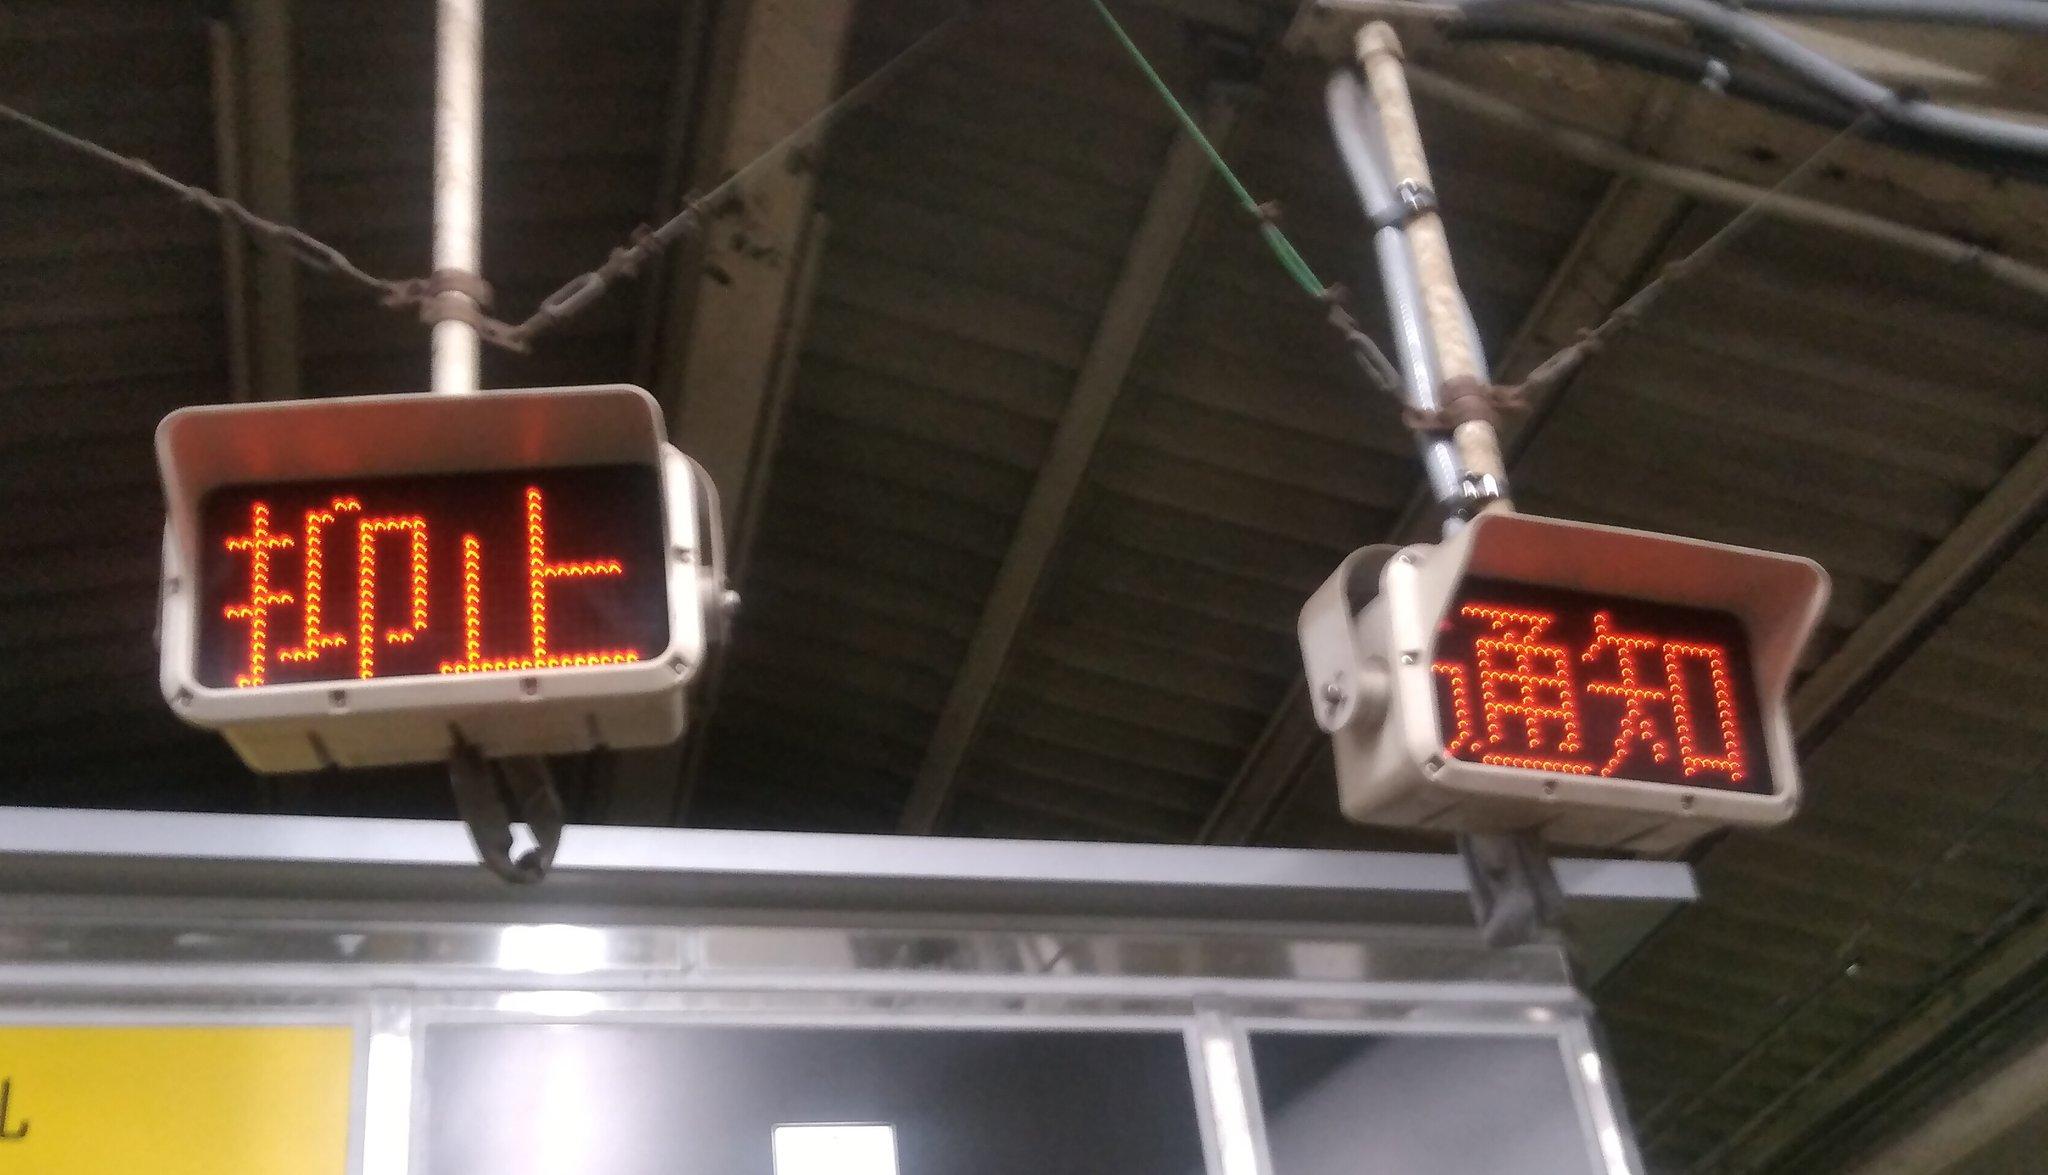 画像,帰れん。東海道線品川~川崎で人身事故とのこと。これで山手線とかも止まるのは皆さん納得いかないでしょうが、「とりあえず止めてから考える」が鉄道の基本。防護無線とか…